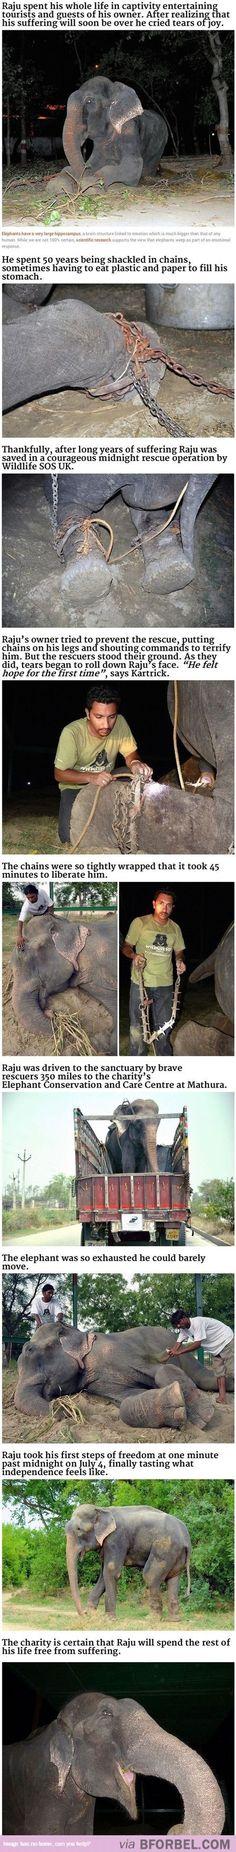 Raju, The Free Elephant…